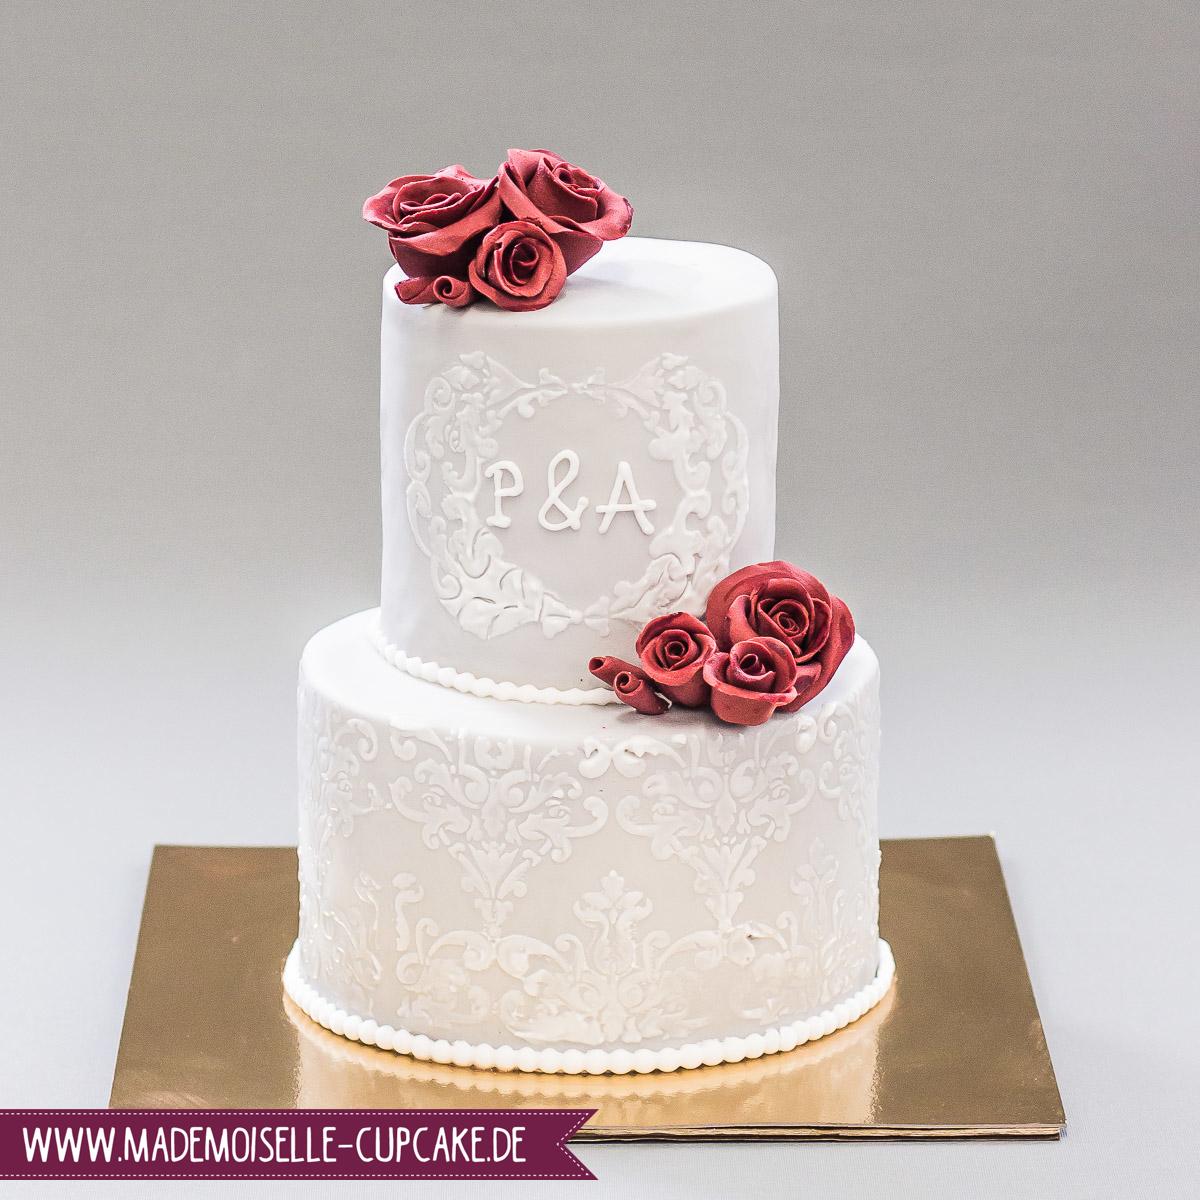 Hochzeitstorte In Grau Mademoiselle Cupcake